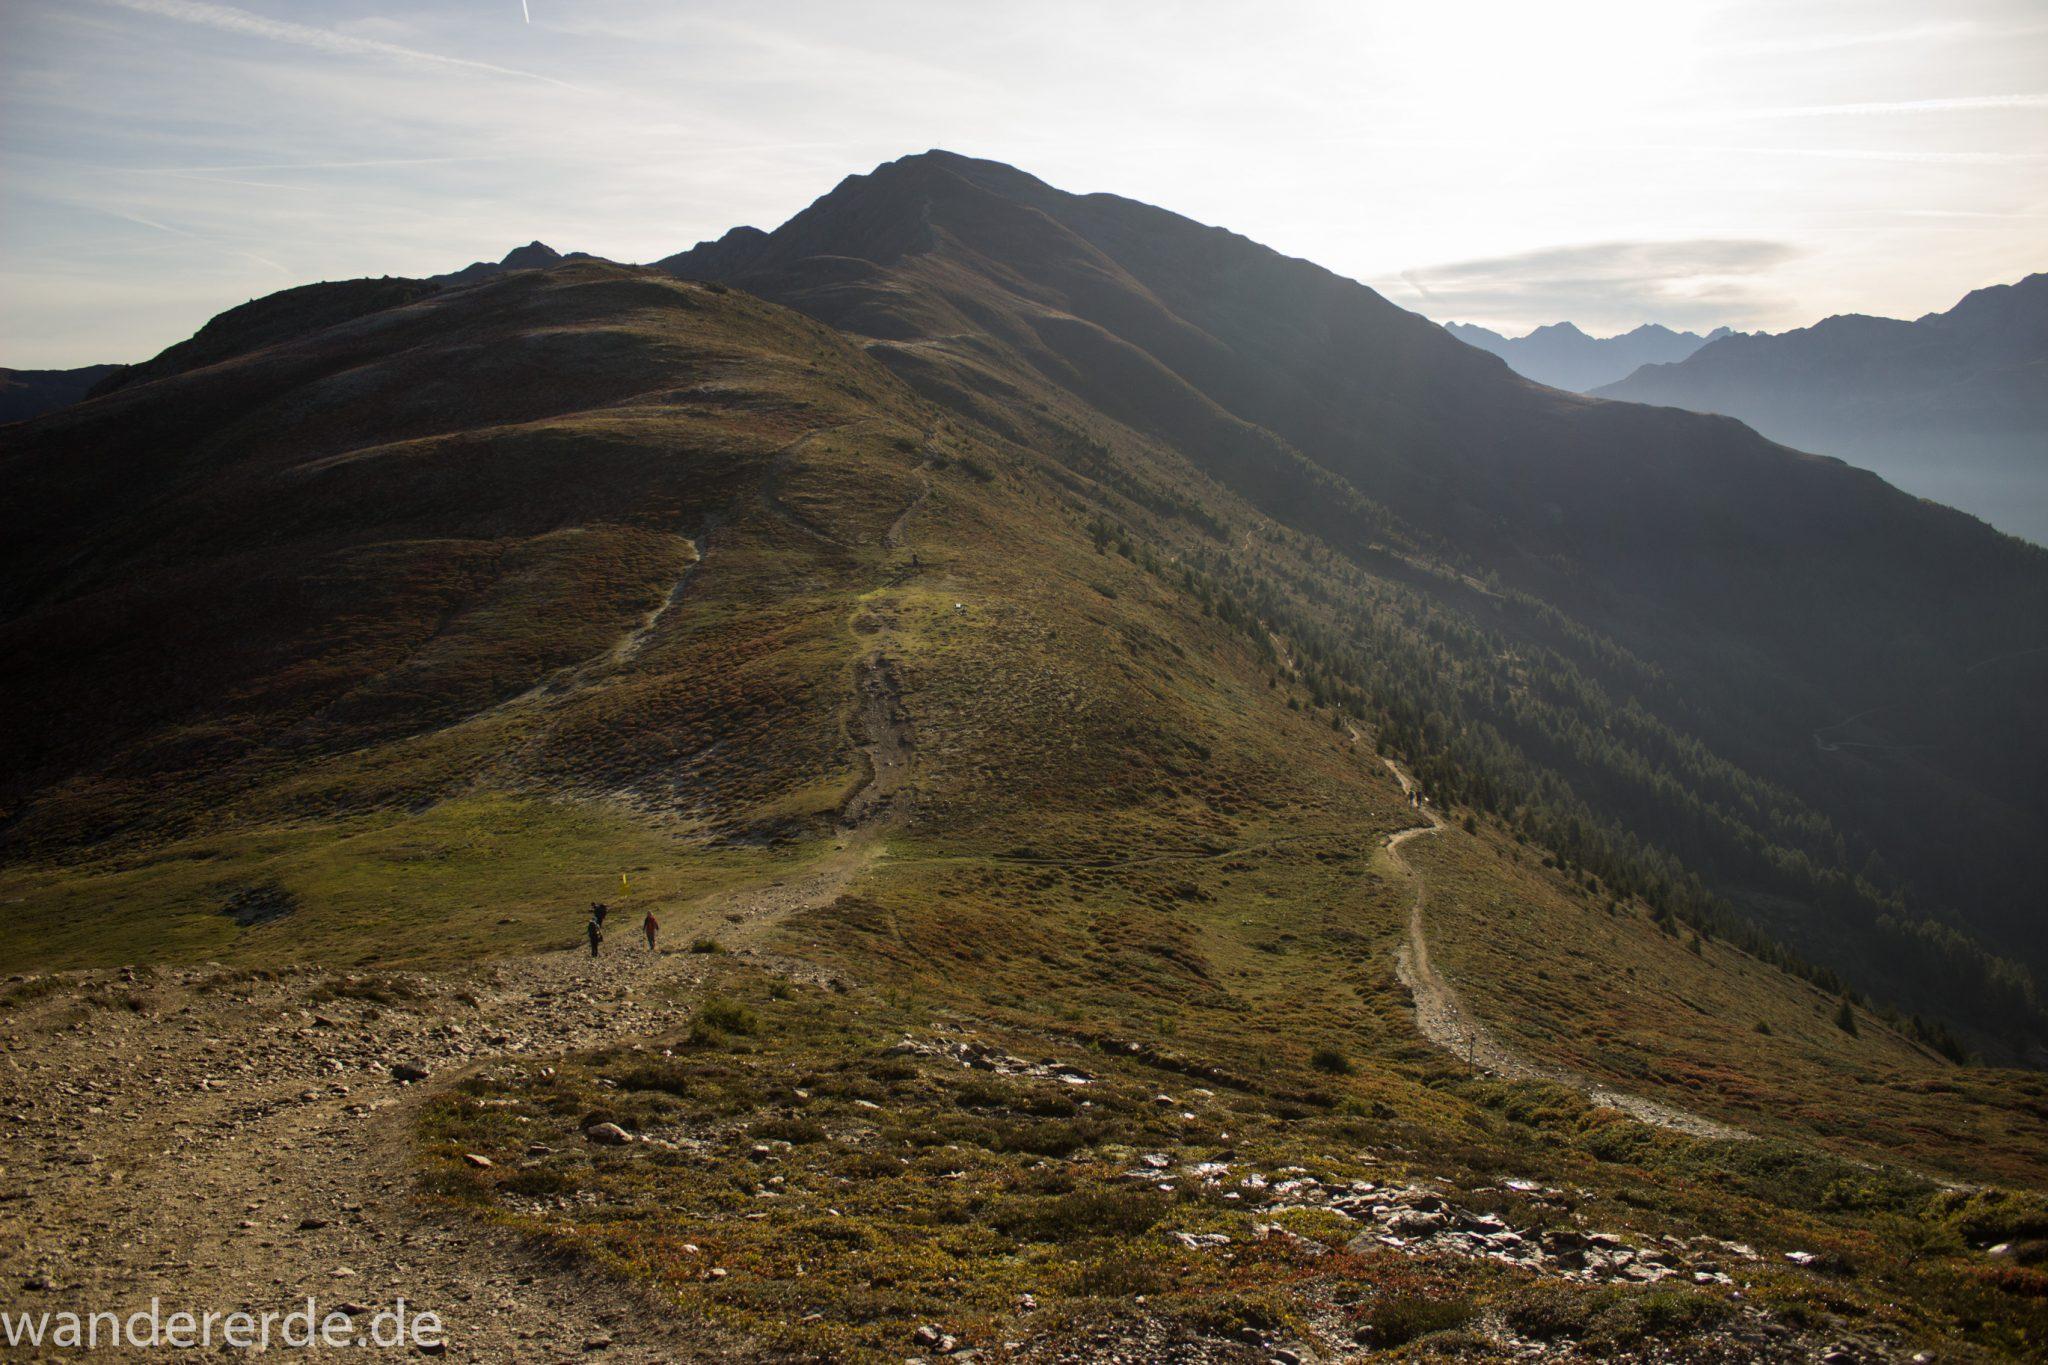 Alpenüberquerung Fernwanderweg E5 Oberstdorf Meran, 4. Etappe von Skihütte Zams zur Braunschweiger Hütte, Aussicht bei der Bergstation der Venet Bergbahn auf die Berge der Alpen, herrliches Wanderwetter bei strahlendem Sonnenschein, Wanderer sind auf schmalem Wanderweg unterwegs um über den Grat mit Kreuzjoch nach Wenns zu gehen, rechter Wanderweg Venetrundweg über Galfun Alm und Gogles Alm